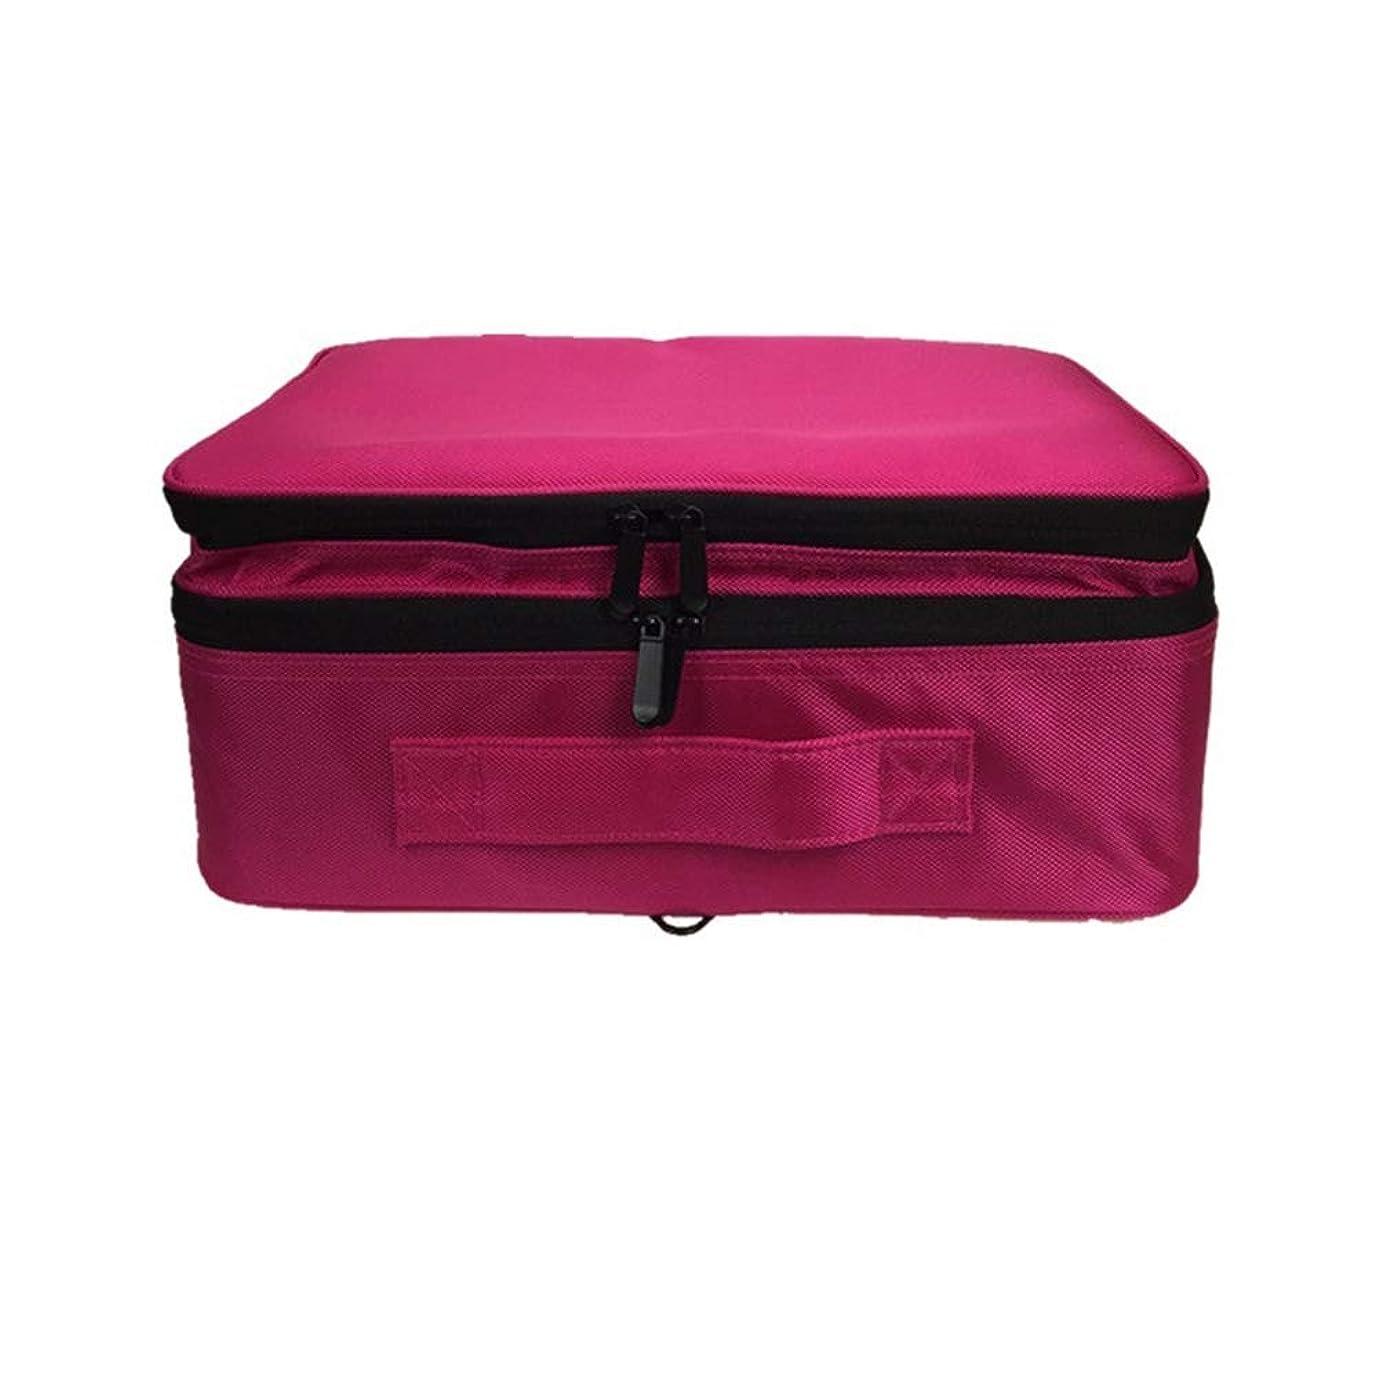 醜いフィードバック海軍化粧オーガナイザーバッグ 調整可能な仕切り付き防水メイクアップバッグ旅行化粧ケースブラシホルダー 化粧品ケース (色 : 赤)